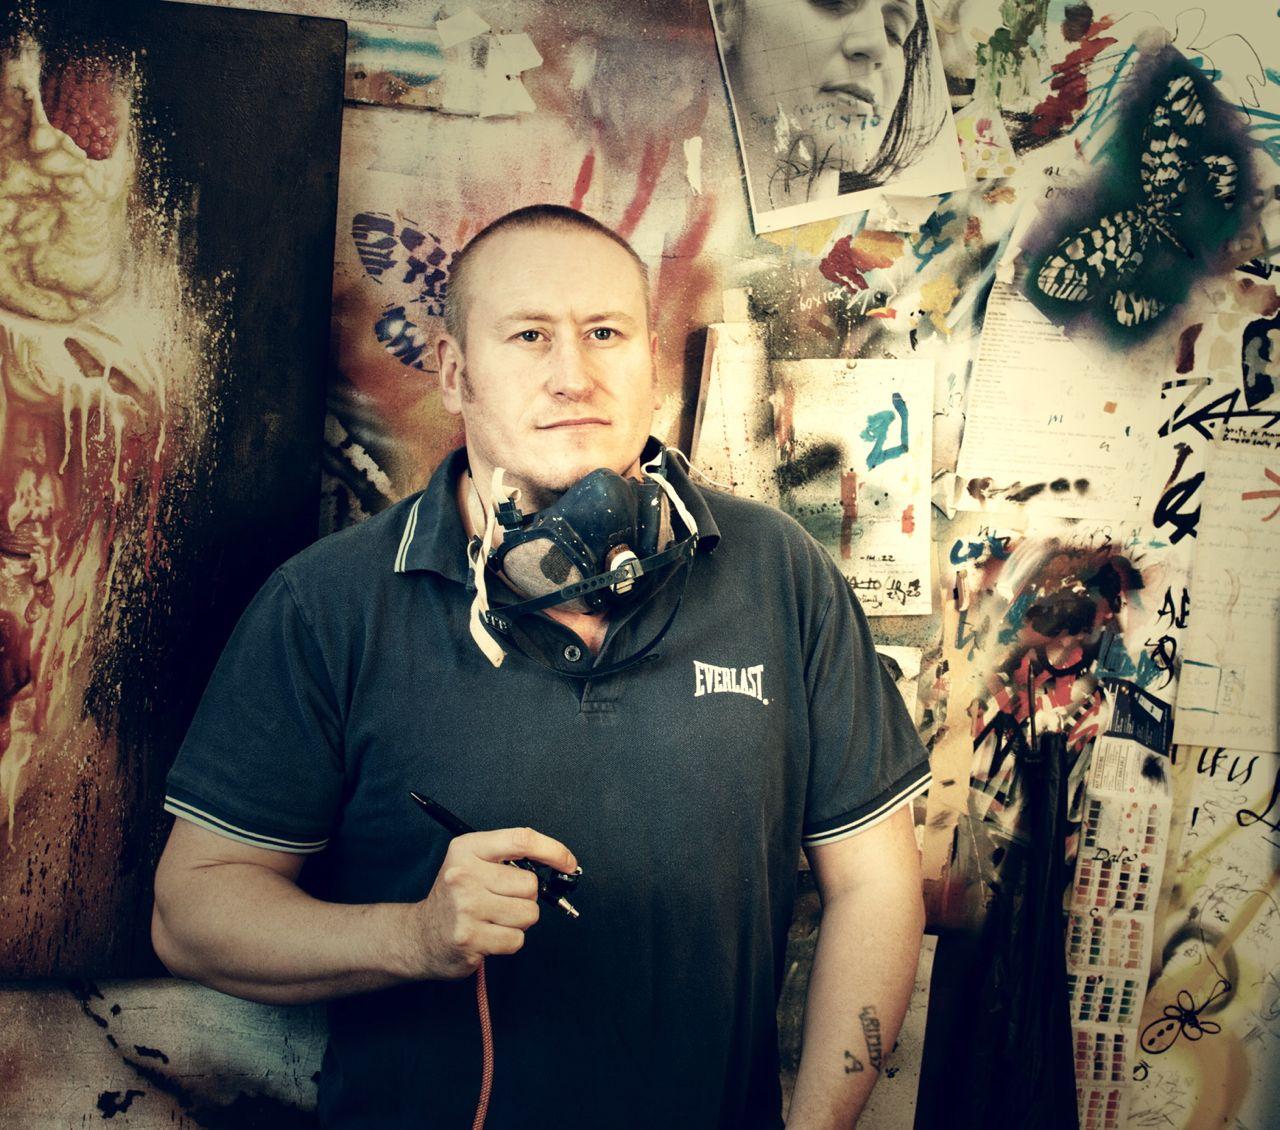 Dale studio 2